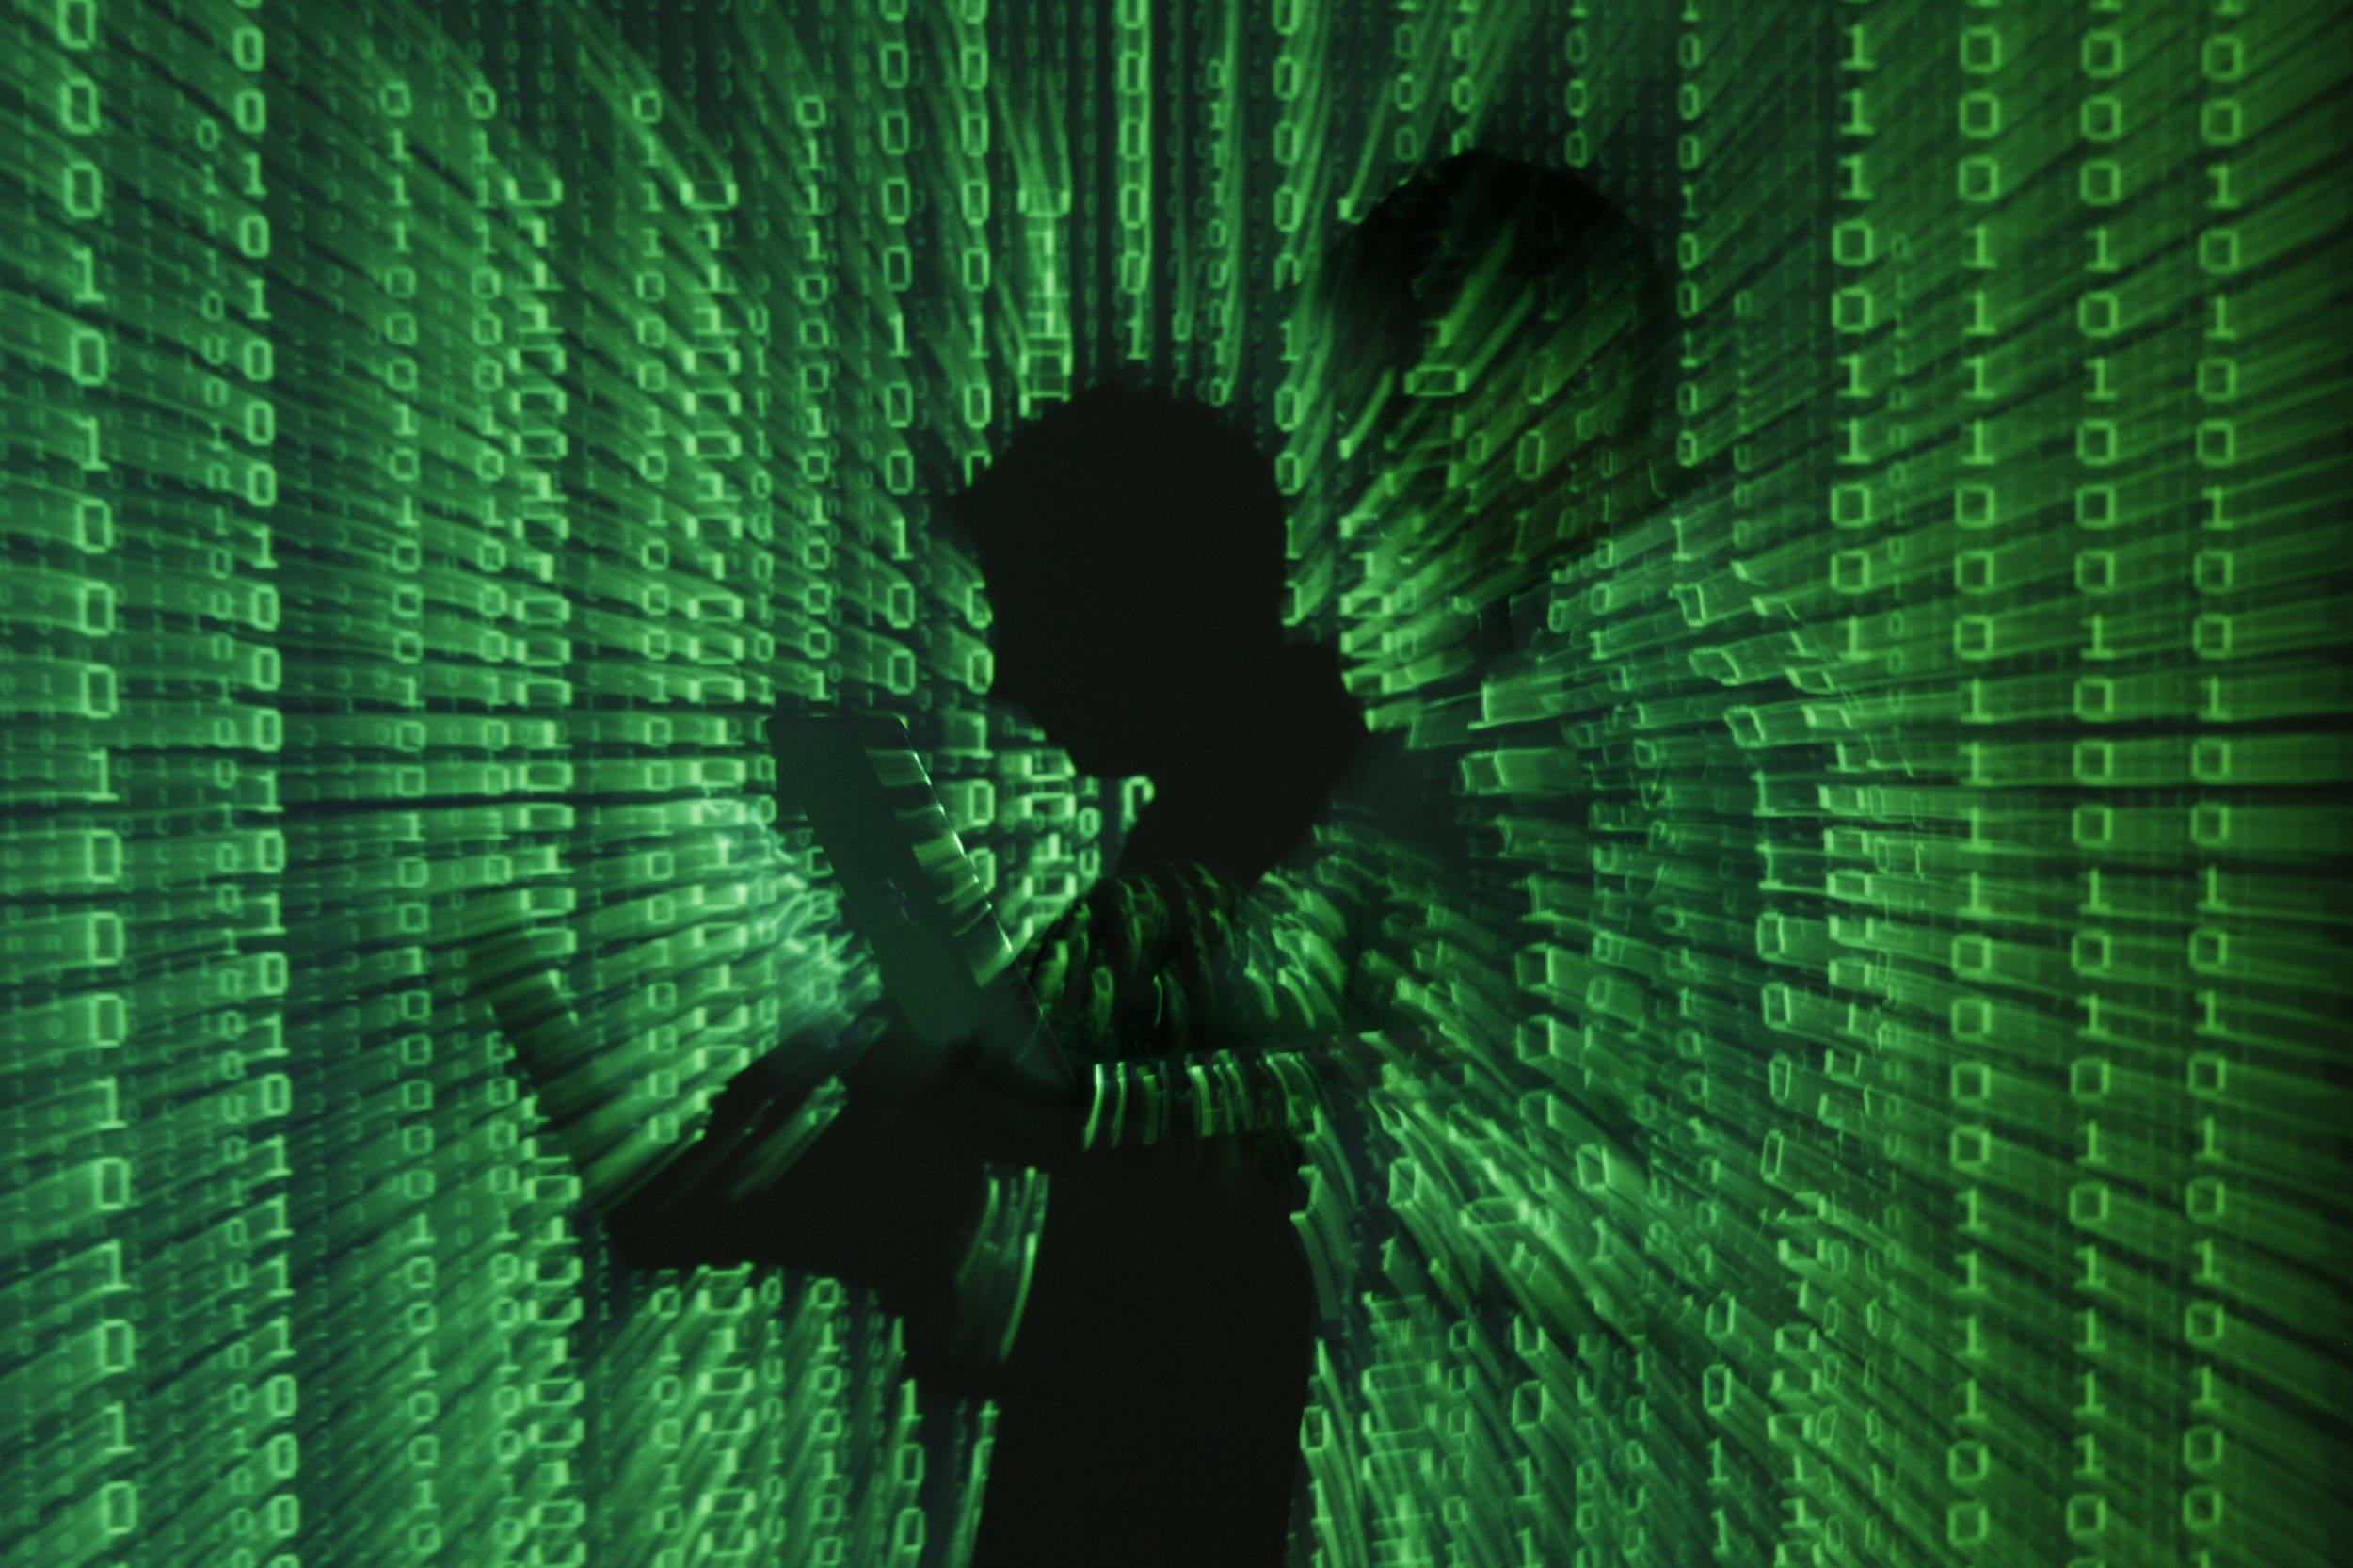 03_21_cyber_attacks_01